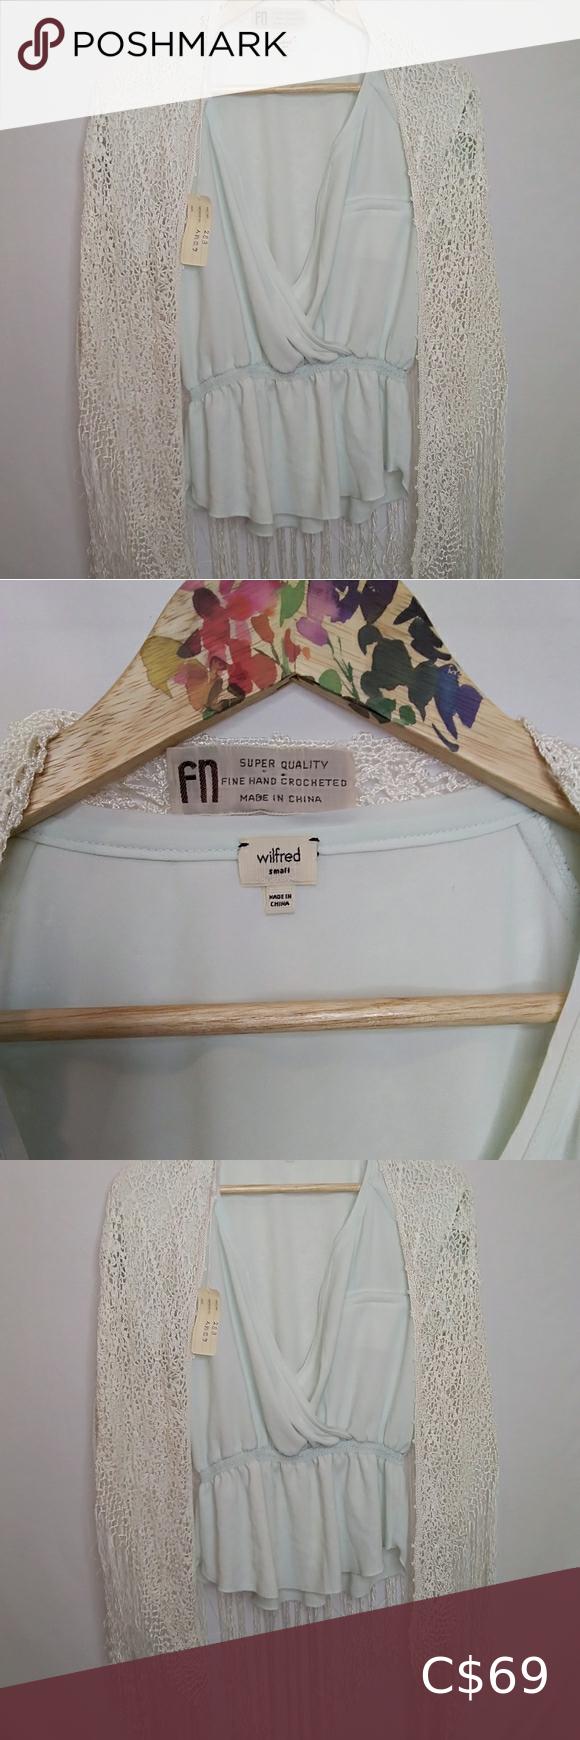 Imported Fine Hand Crochet Boho Wrap